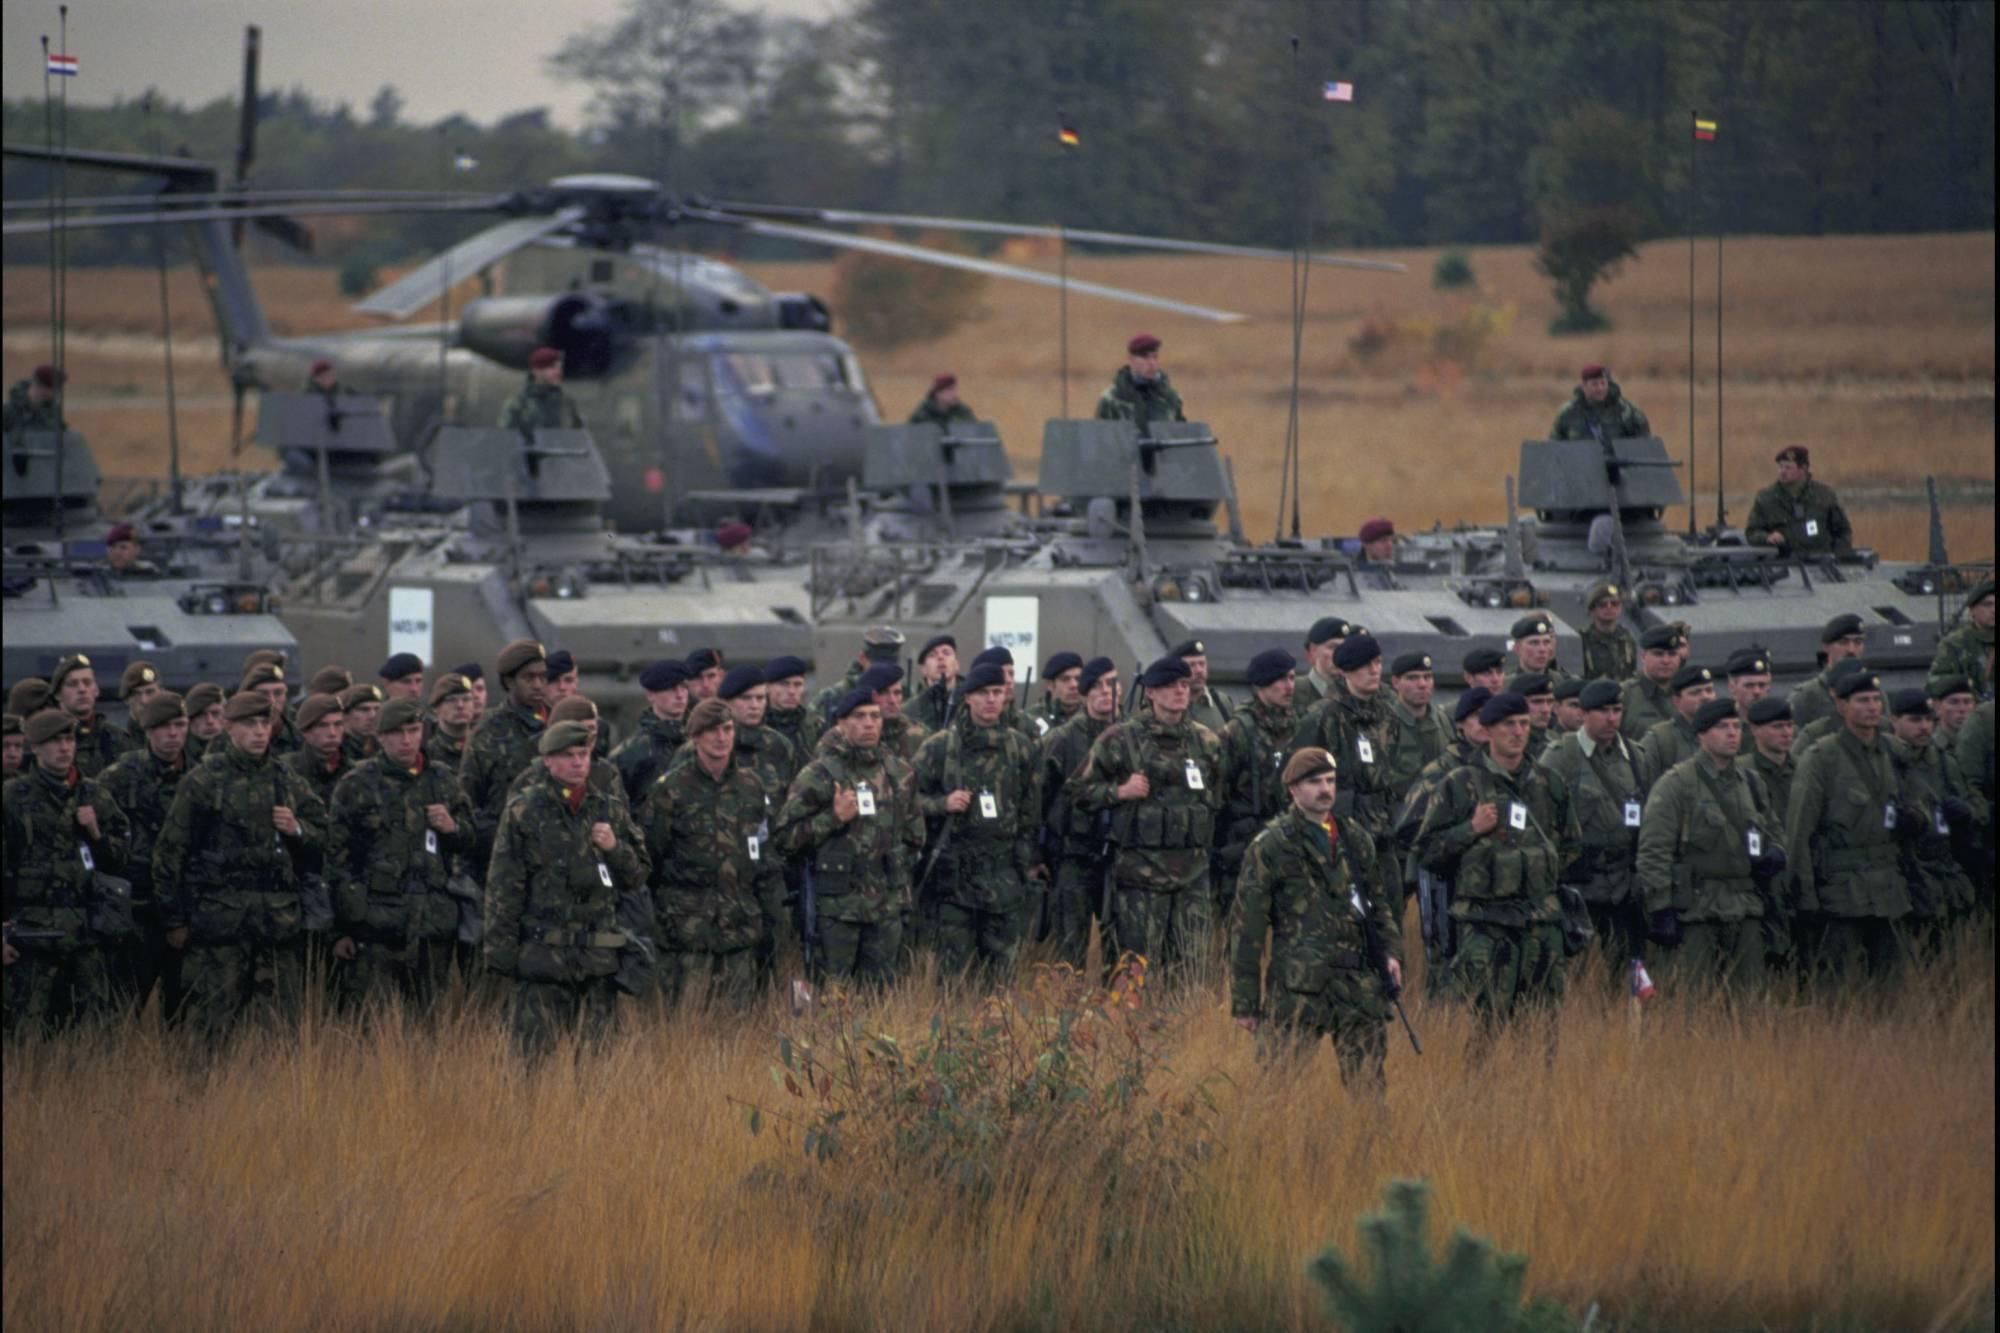 美军来没来得及从德国撤军,德议员就送了一份大礼!气的美军吐血_德国新闻_德国中文网